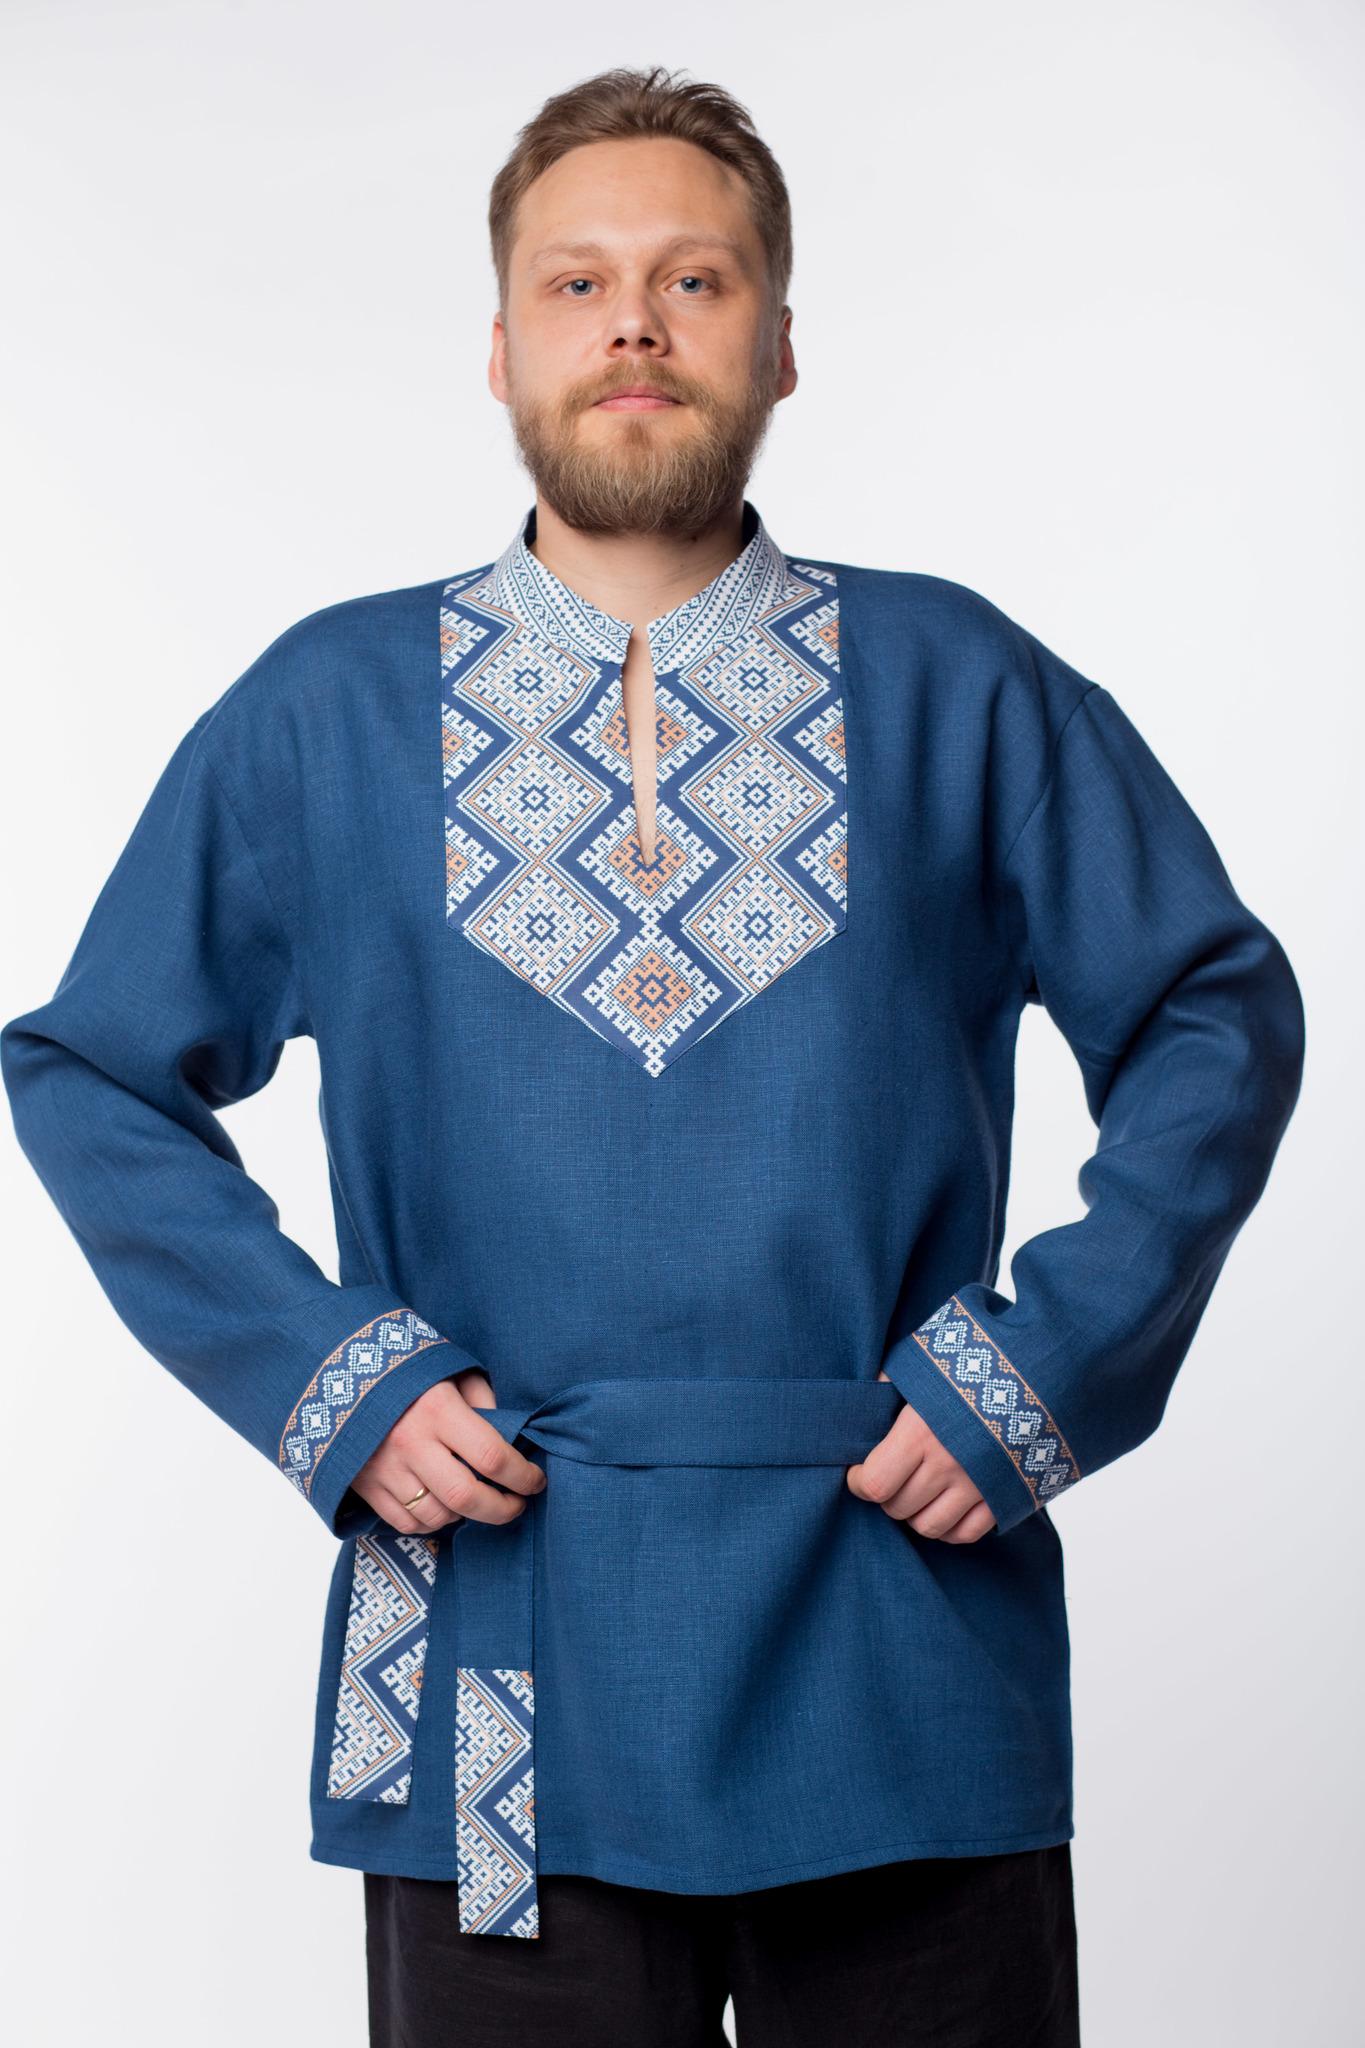 Рубаха мужская Алтайская приближенный фрагмент